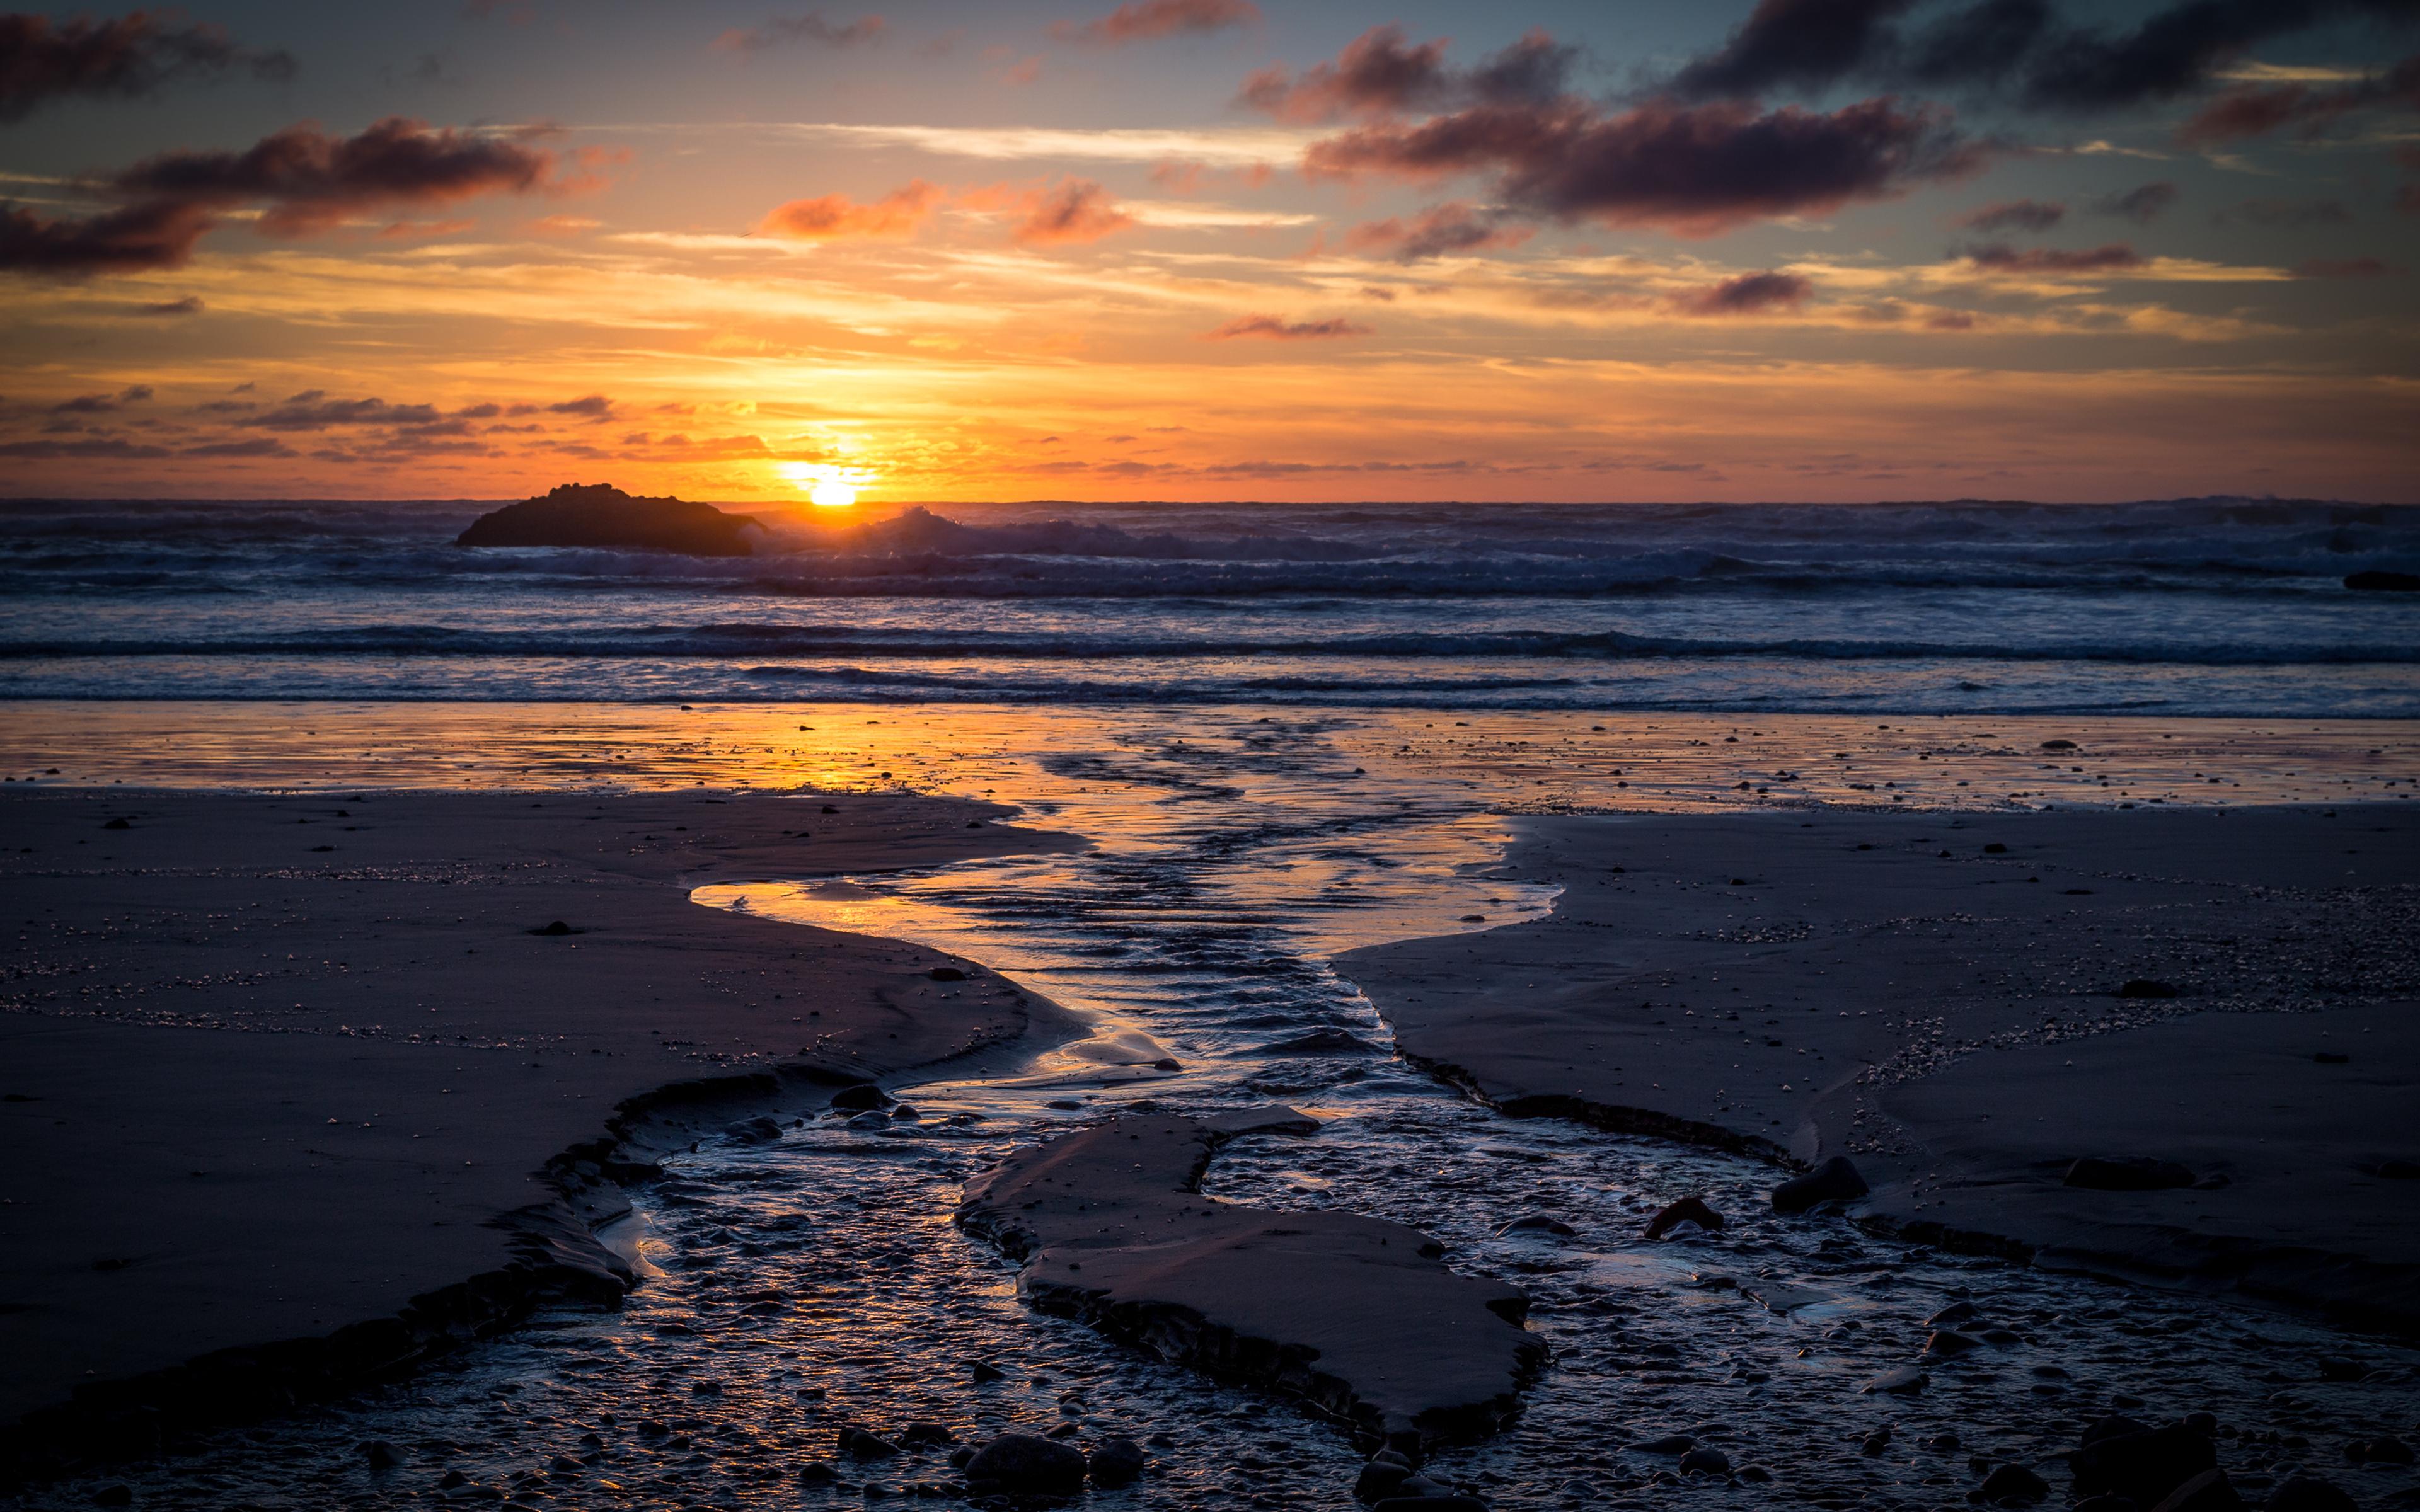 sunset-at-hug-point-4k-v2.jpg